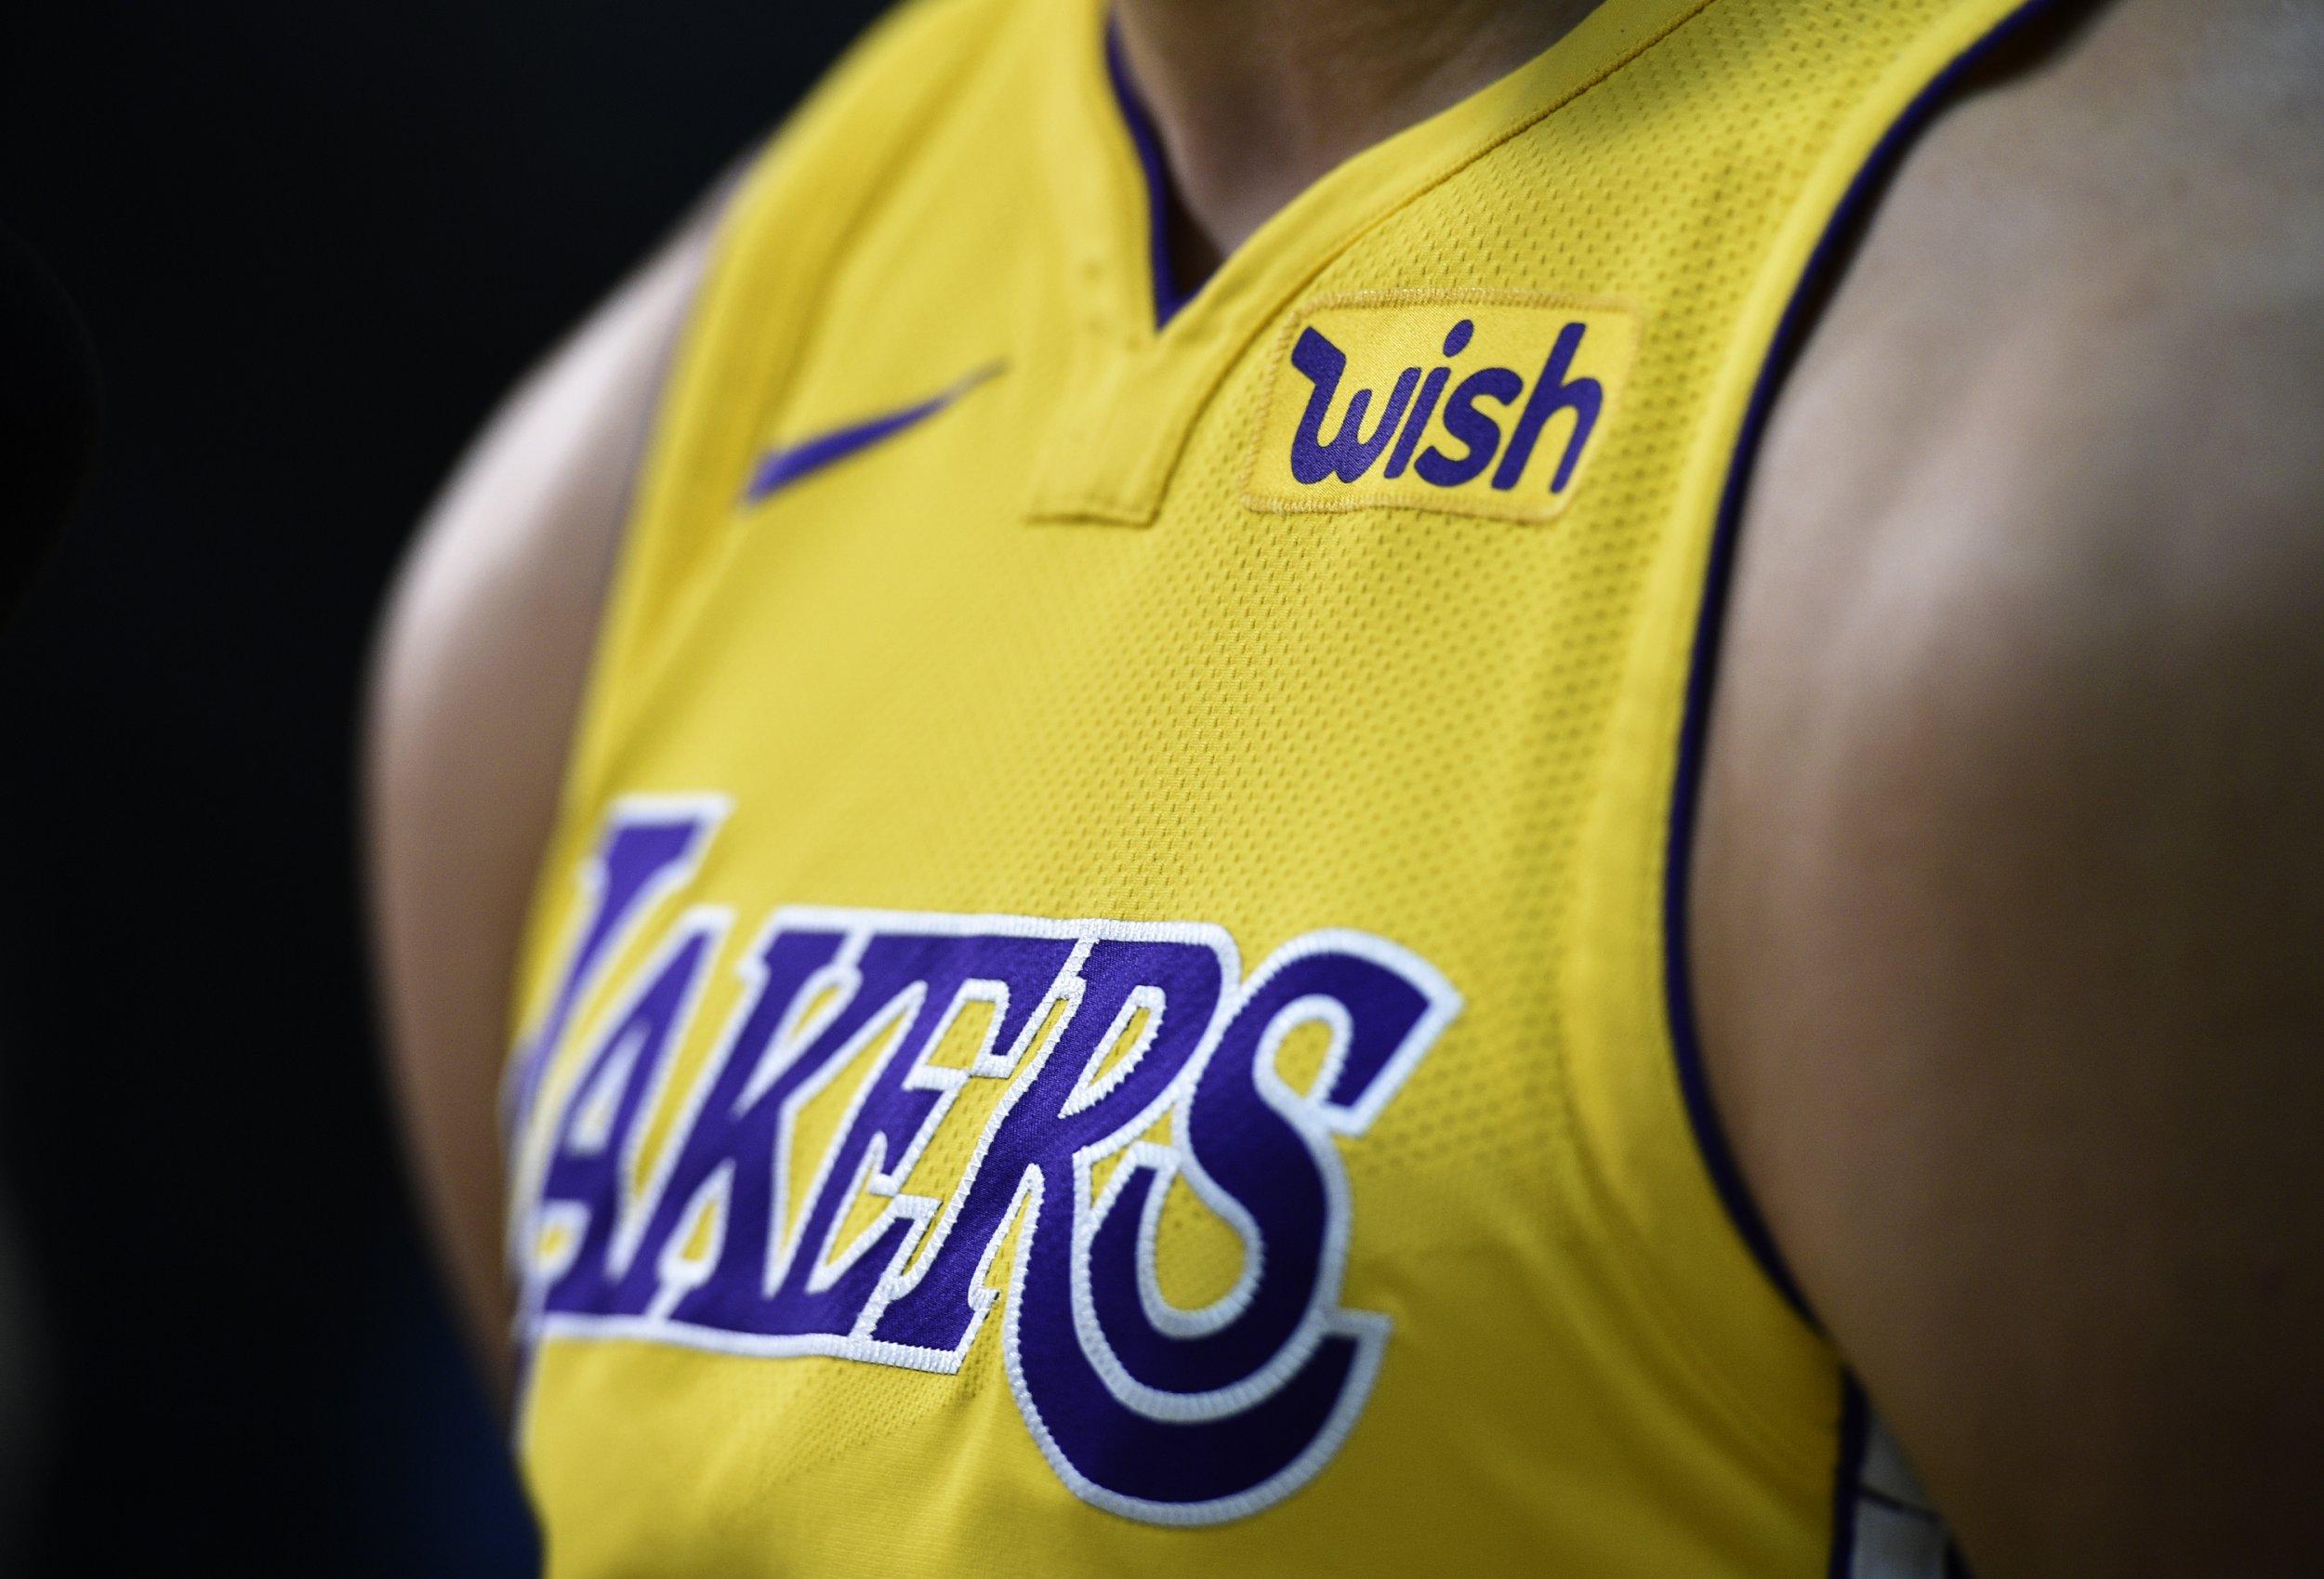 e9c37de8785 Lakers Fans Launch Petition Against Color of New Jerseys